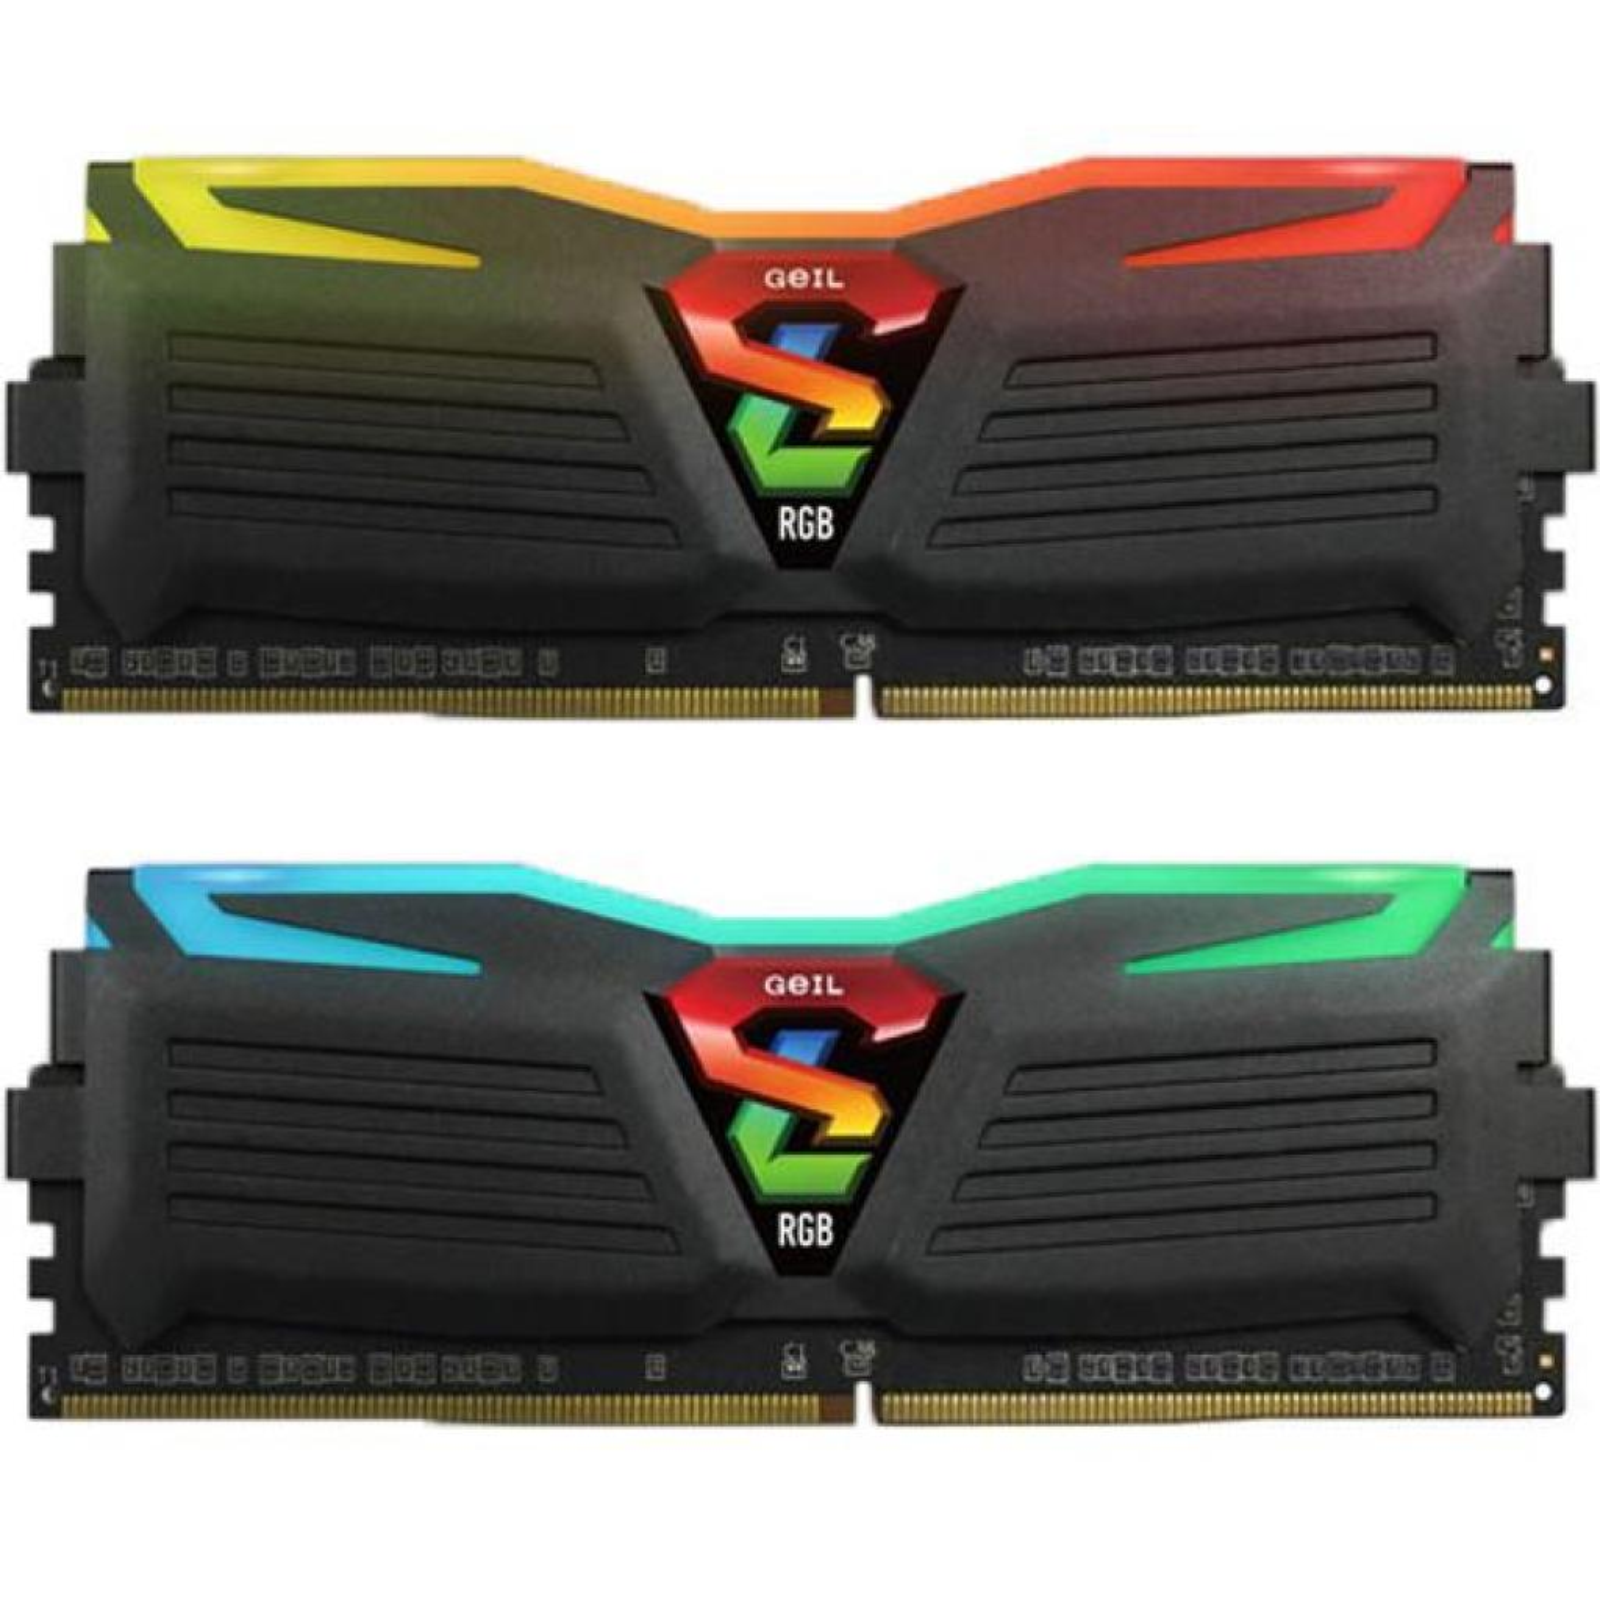 Модуль памяти для компьютера DDR4 16GB (2x8GB) 2400 MHz Super Luce Black RGB LED Geil (GLC416GB2400C16DC)